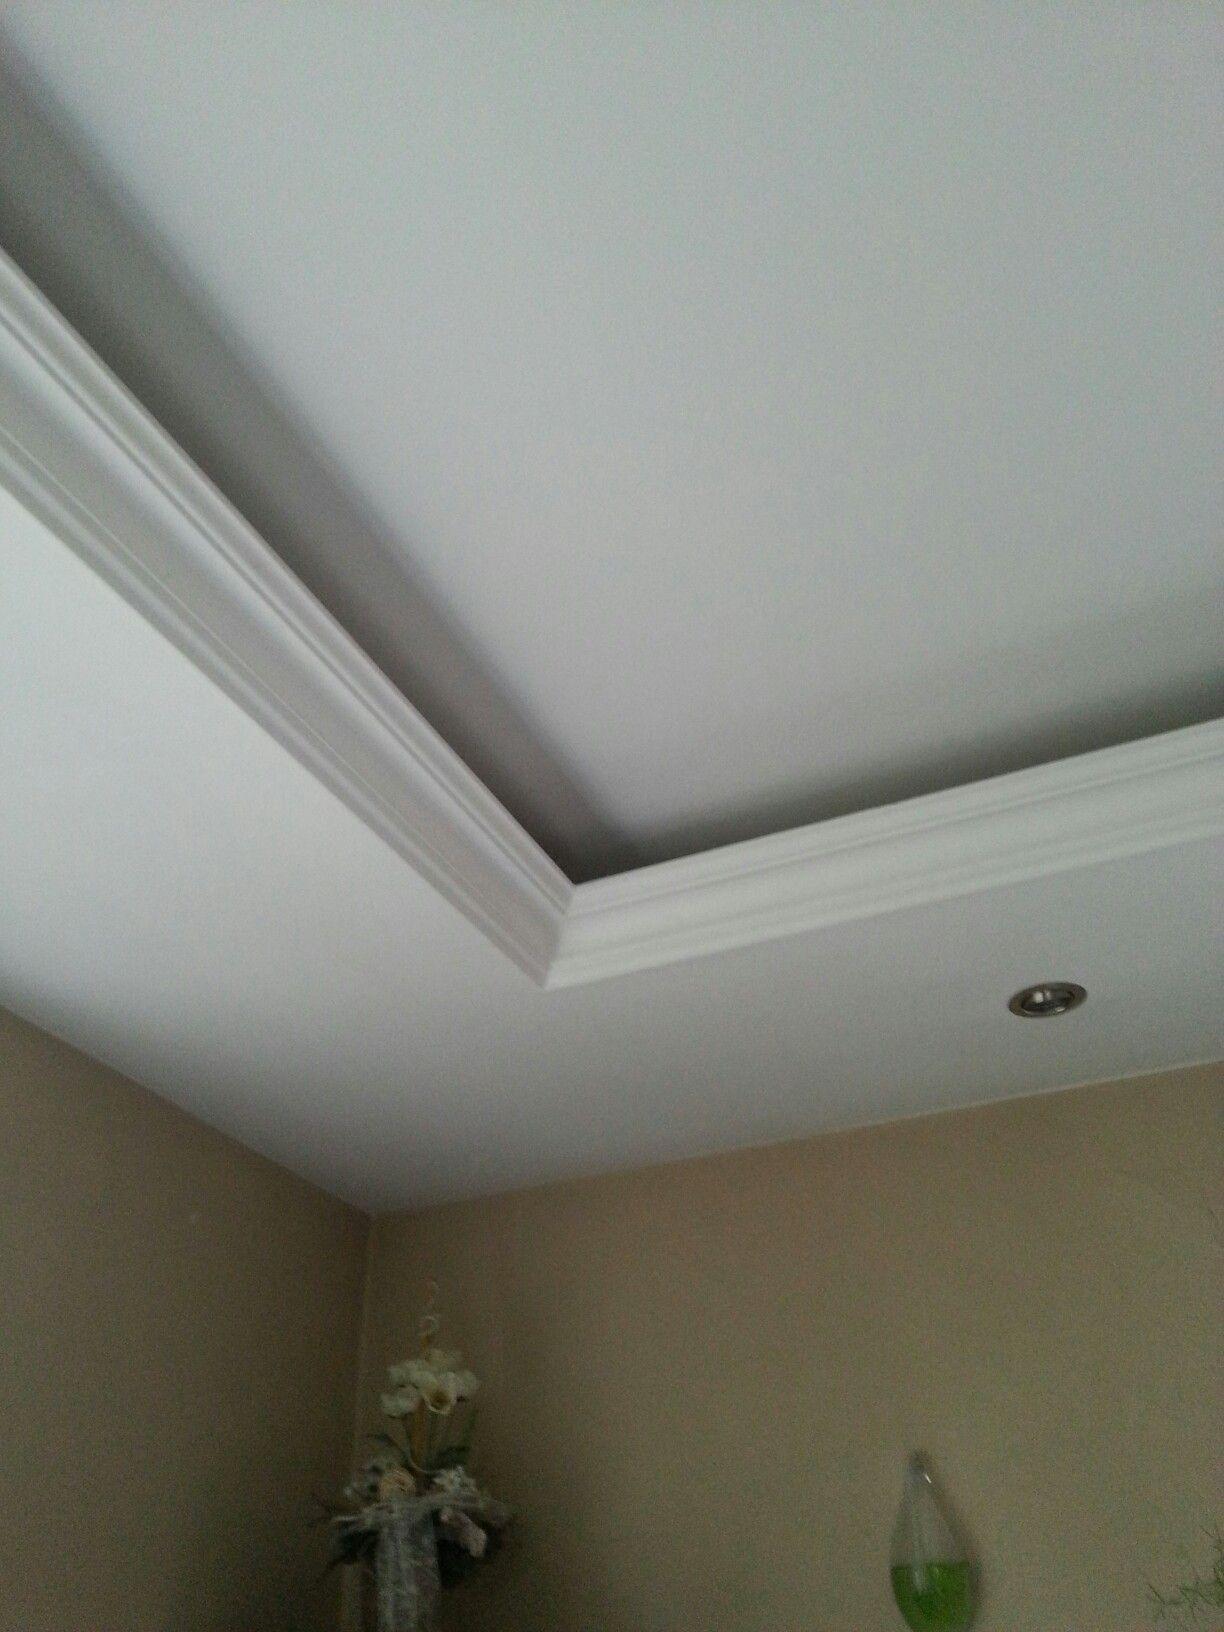 abgeh ngte decke mit indirekter beleuchtung und strahlern wohnzimmer und flure decken und. Black Bedroom Furniture Sets. Home Design Ideas